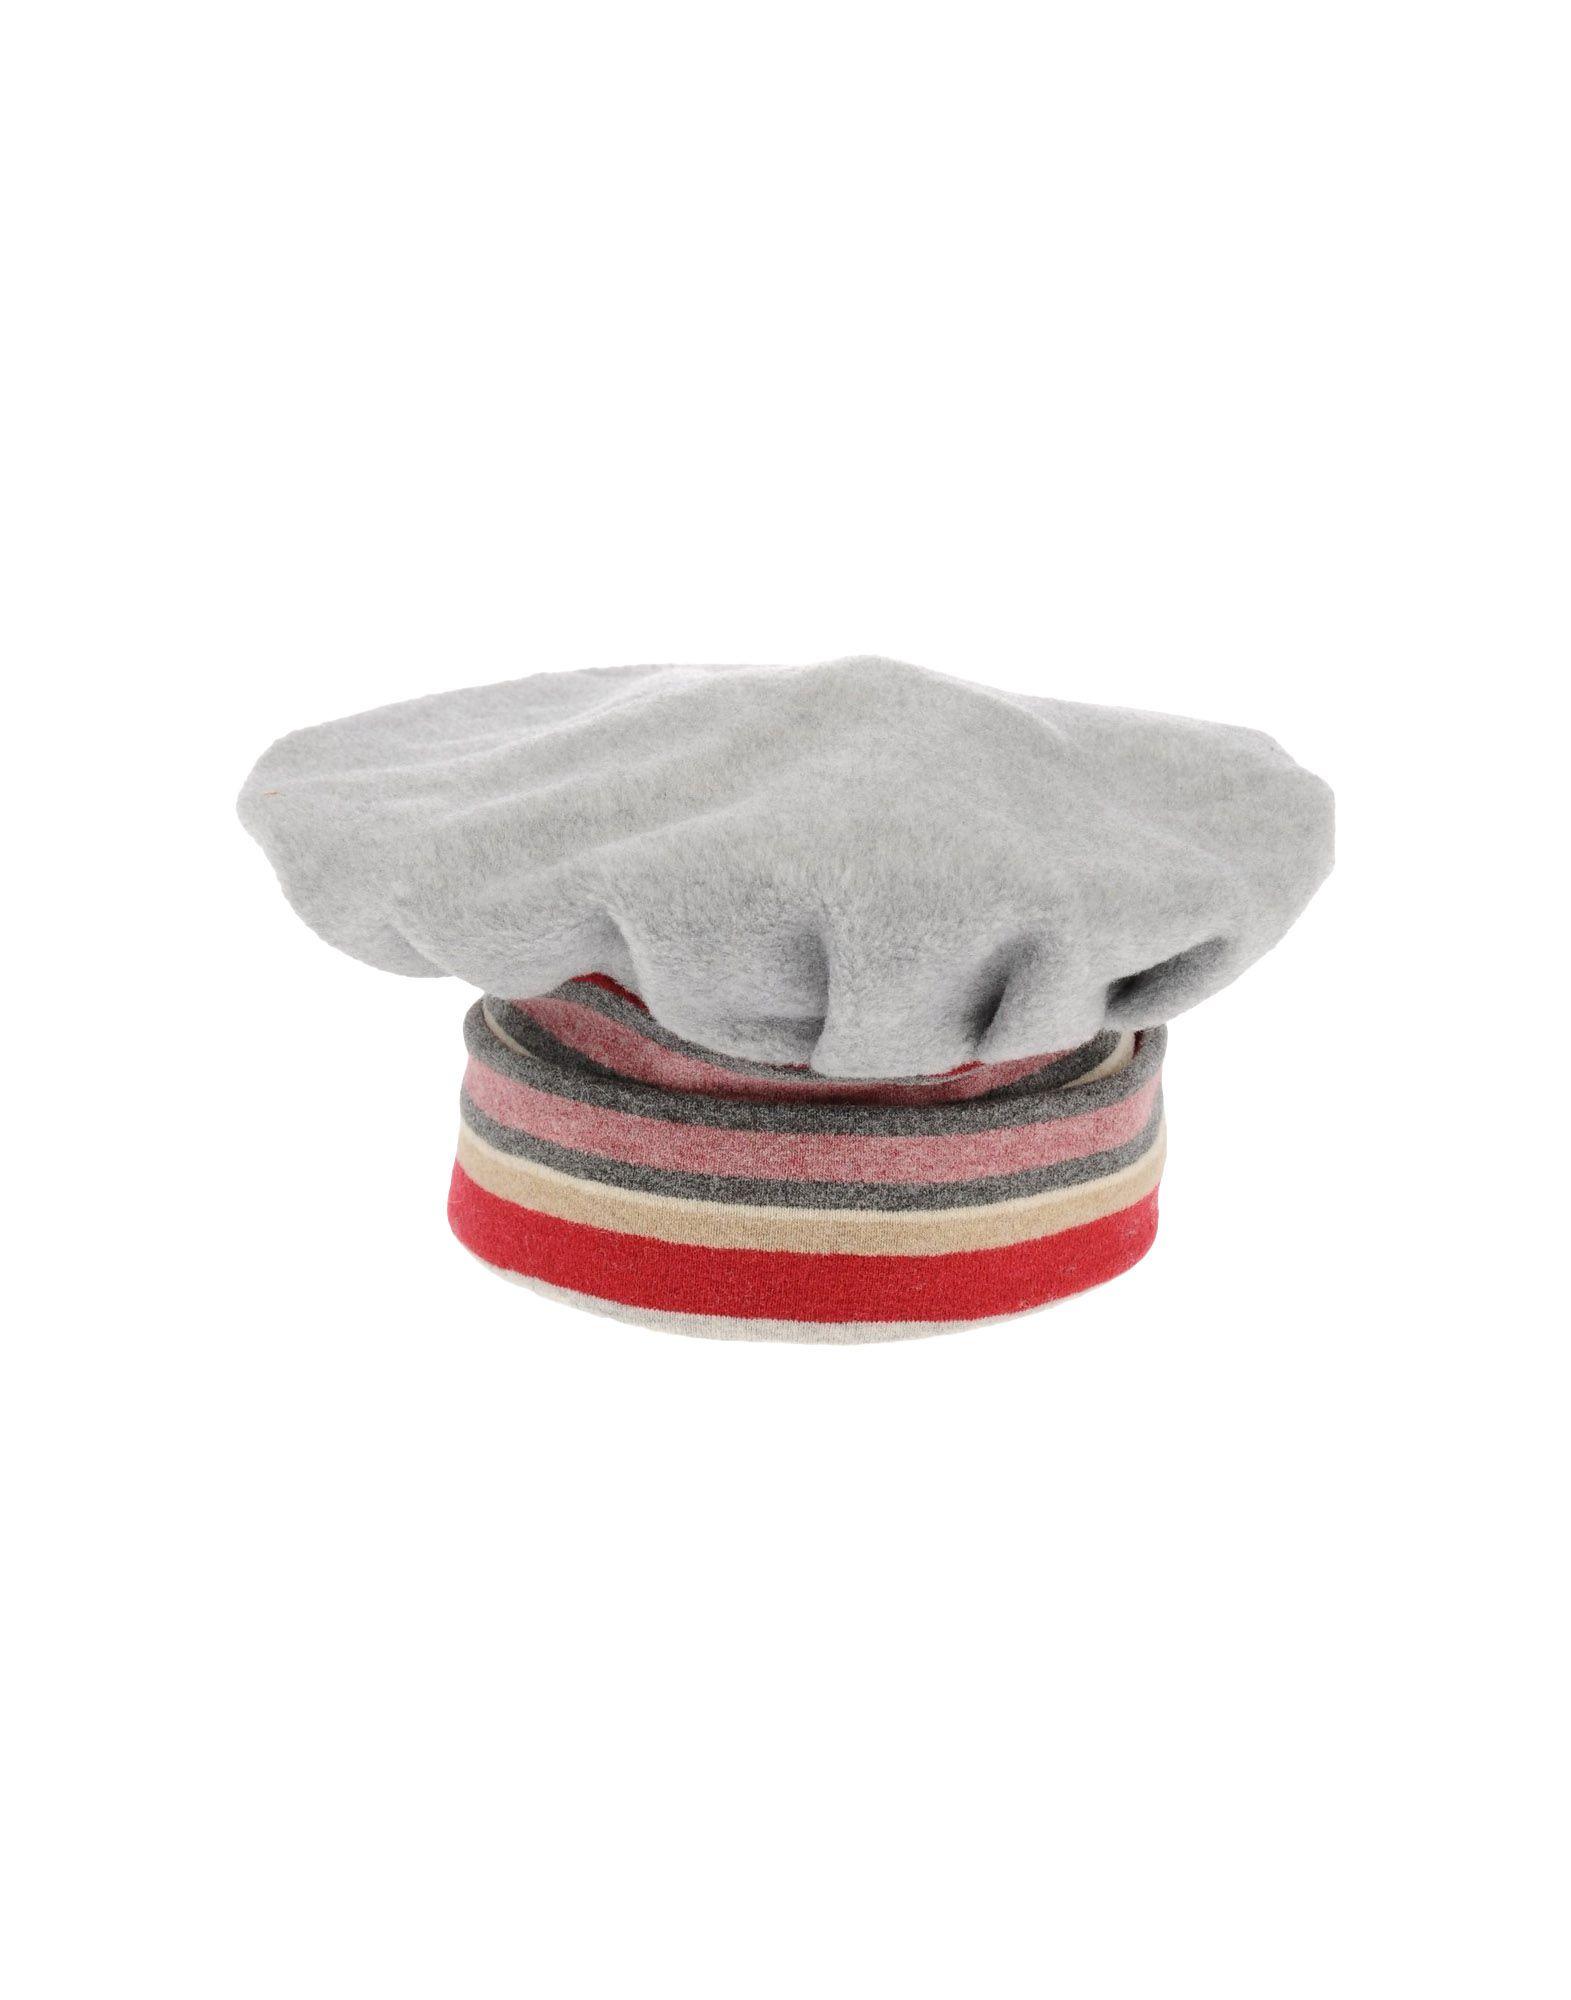 GALLO Mädchen 0-24 monate Mützen & Hüte Farbe Grau Größe 4